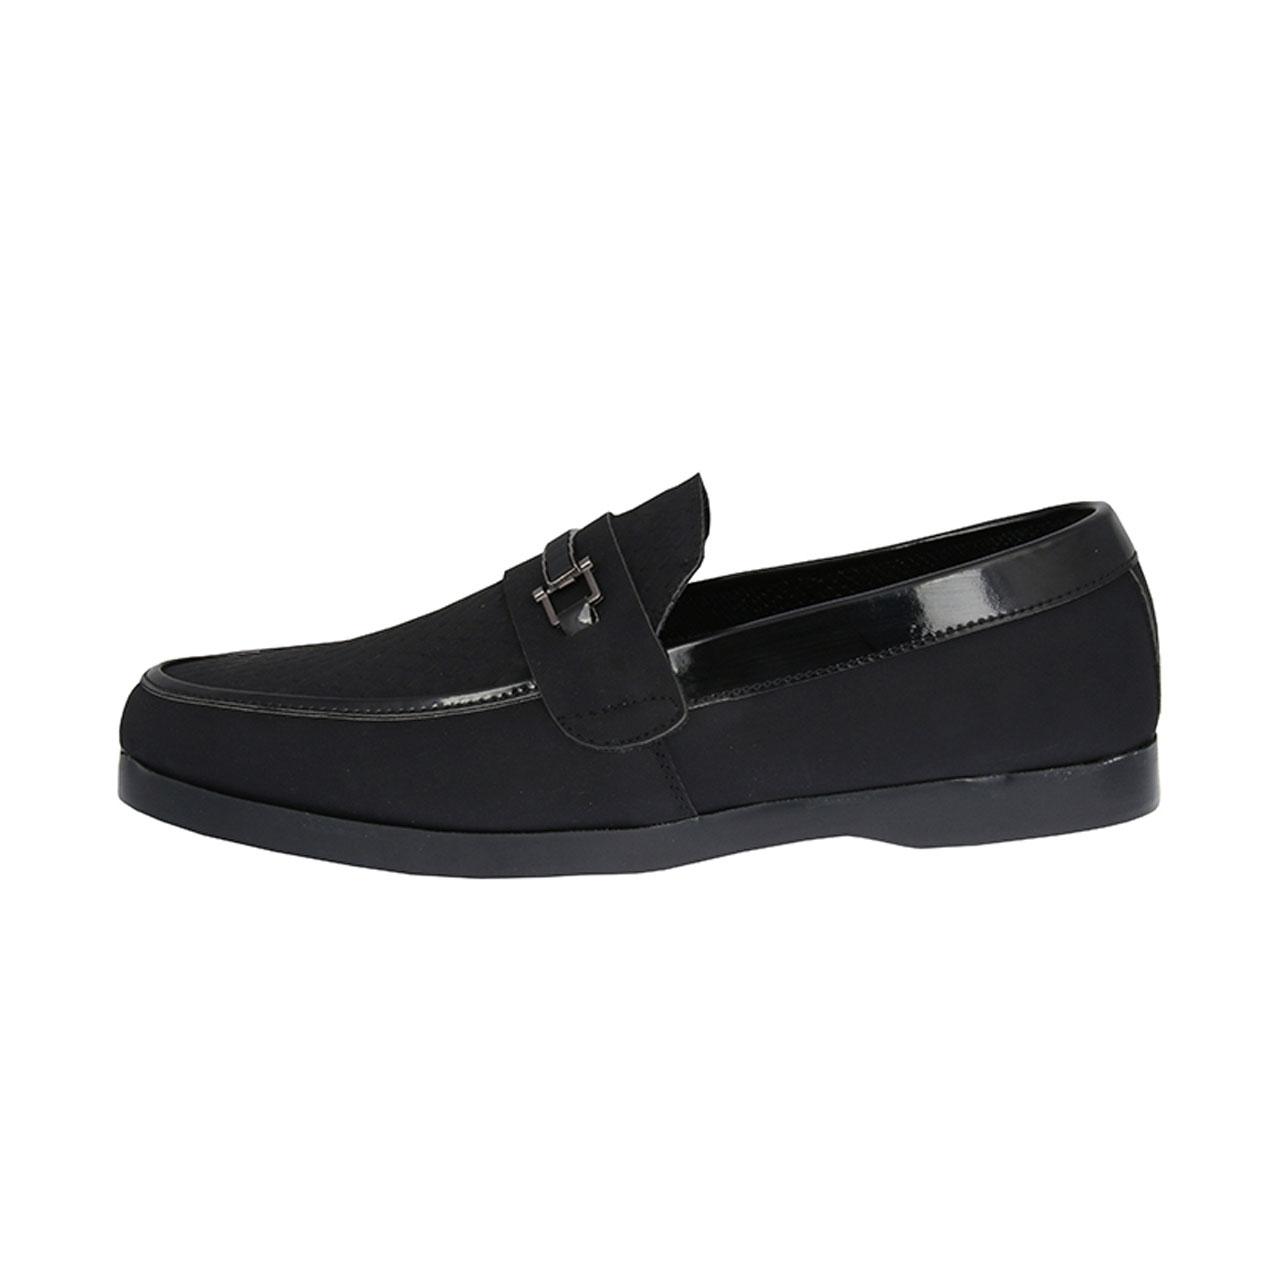 کفش مردانه کد 269000502 رنگ مشکی